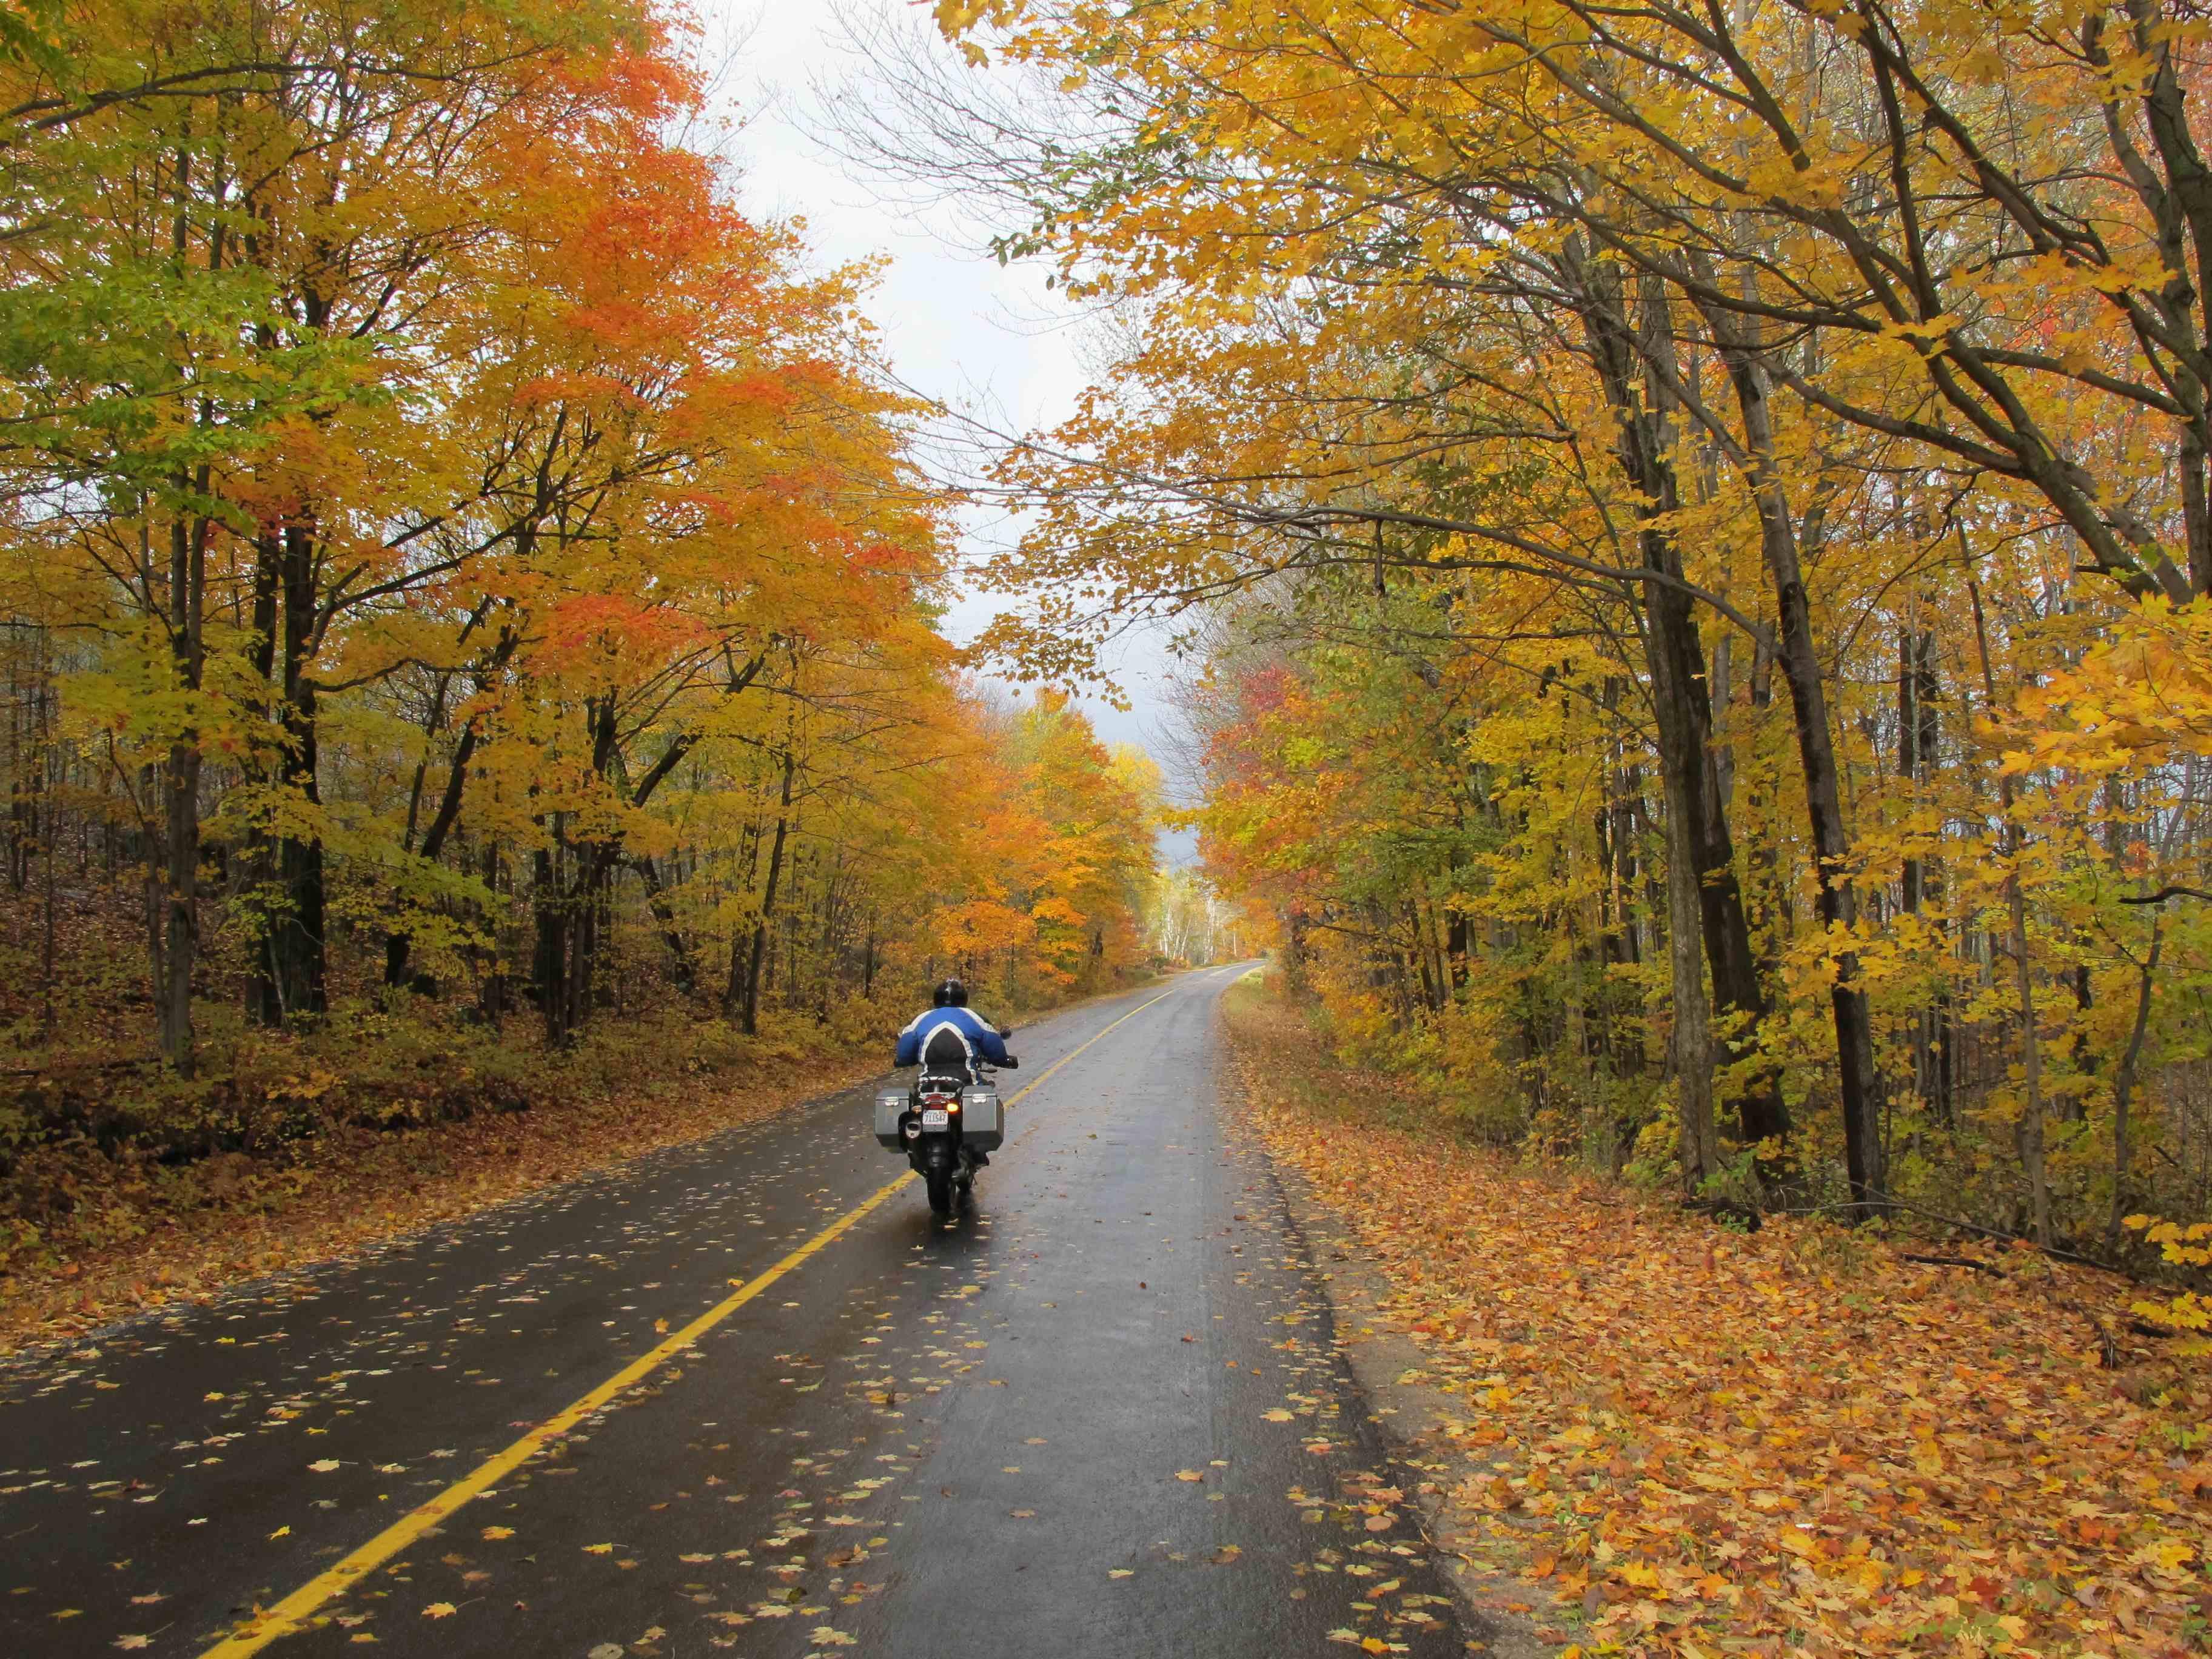 Autumn-glory.jpg